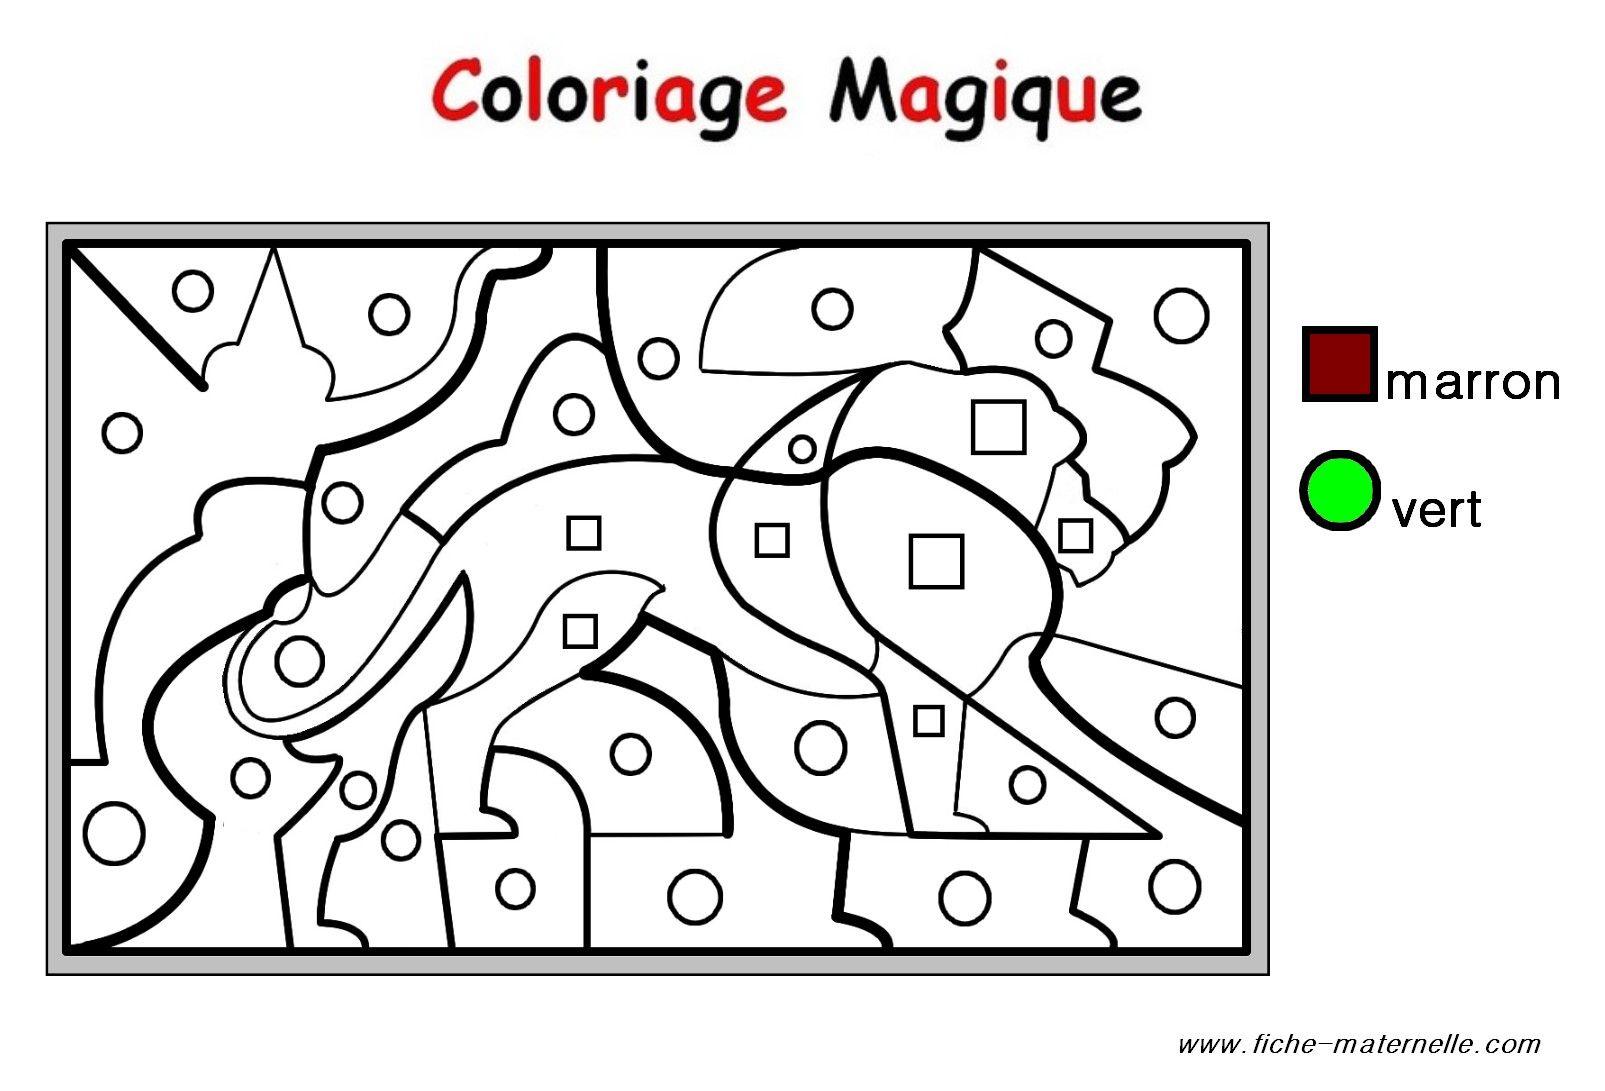 Coloriage Chevalier Gs.Coloriage Magique Pour Les Plus Petits Un Lion Color By Number